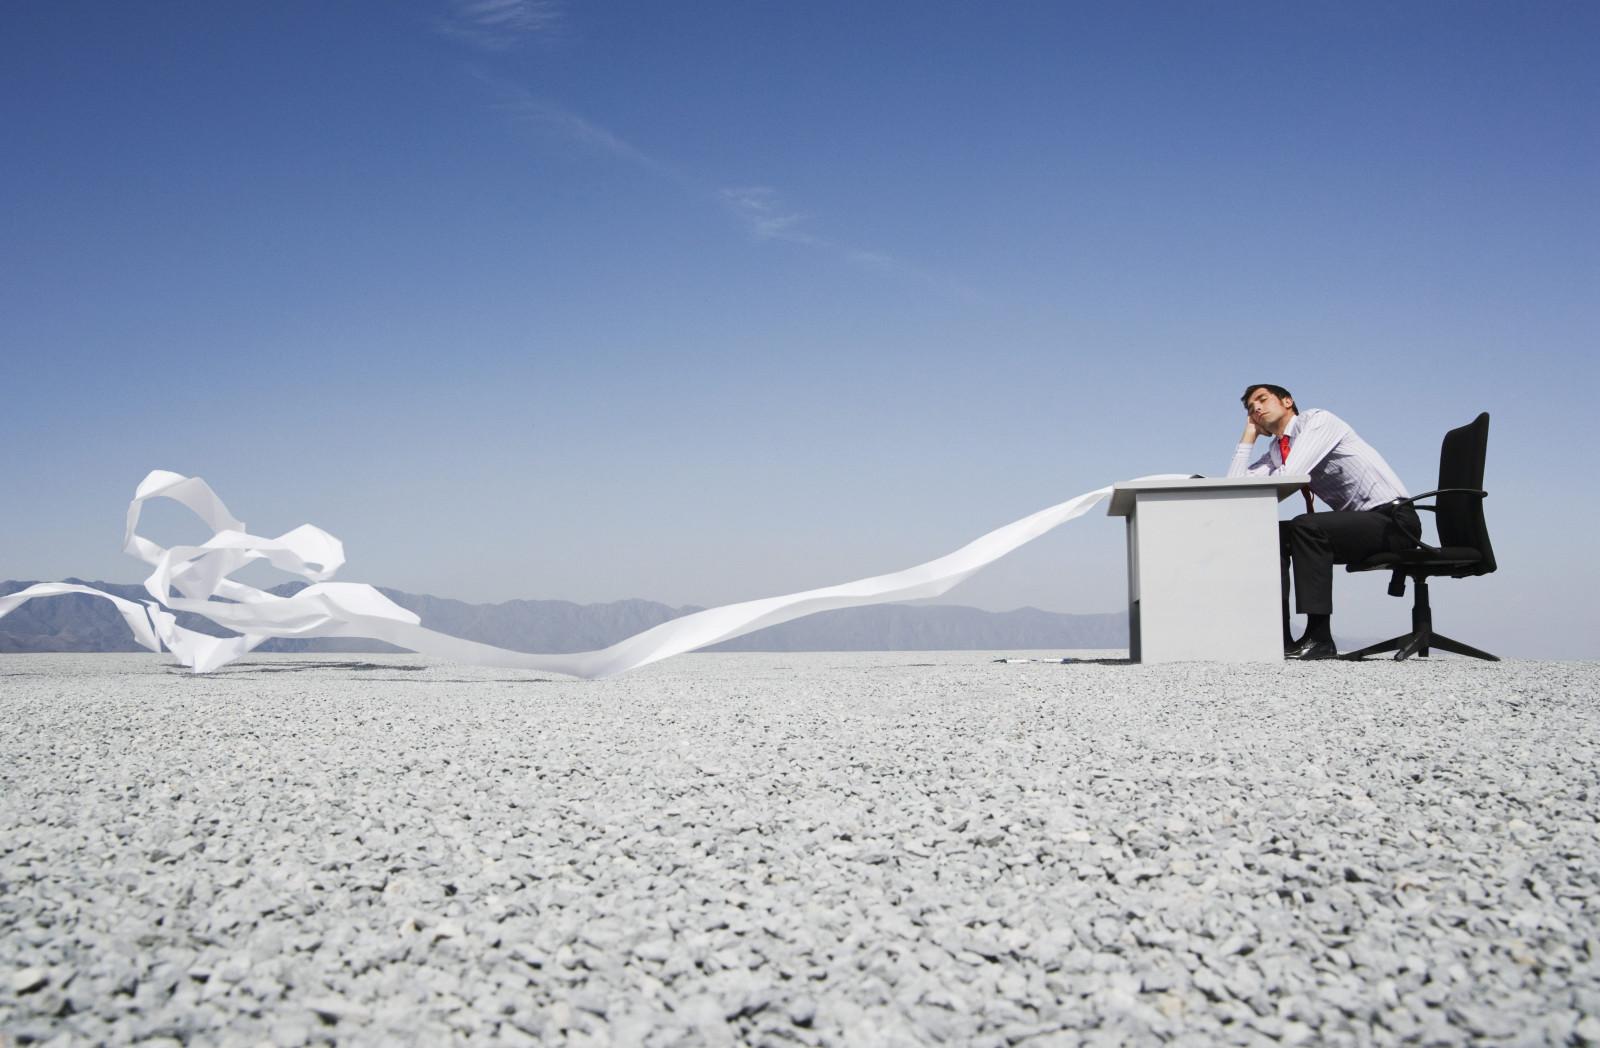 Sfondi la neve inverno ufficio deserto vento artico for Immagini desktop inverno